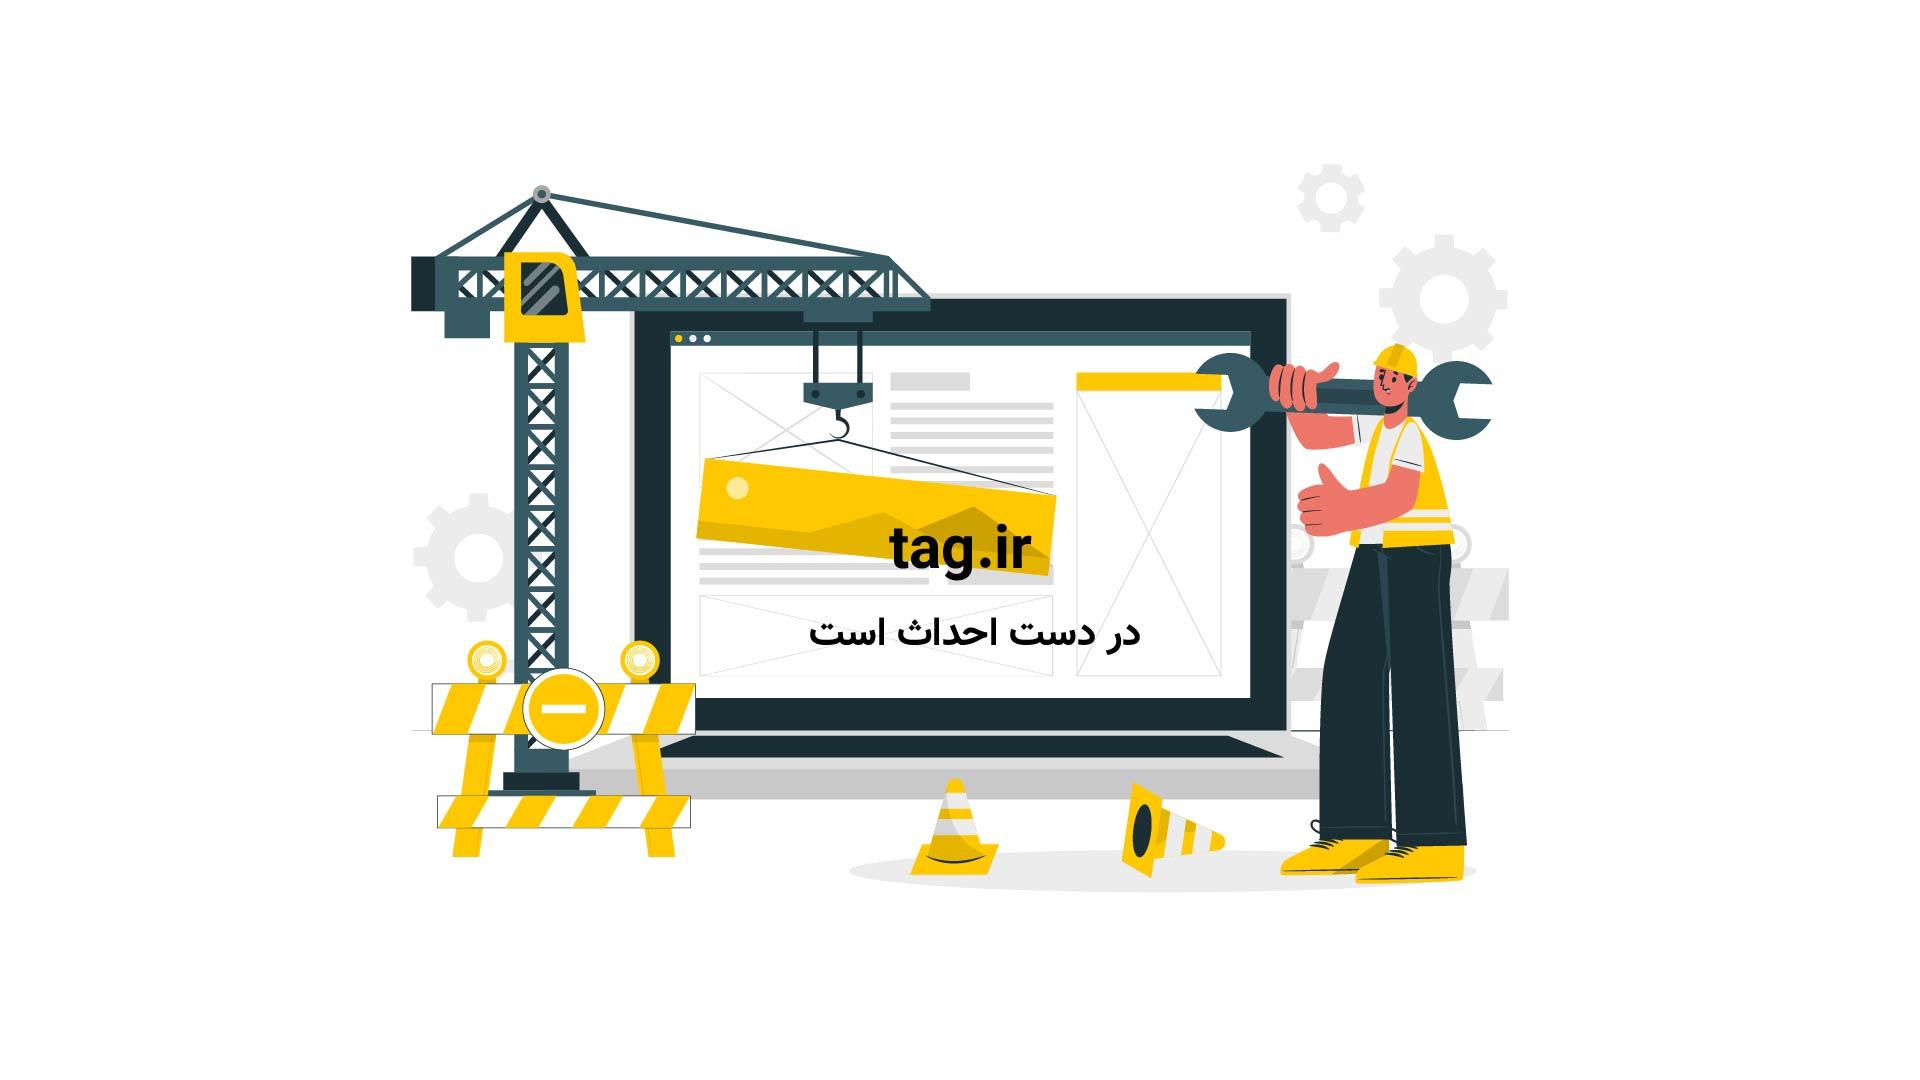 رهبر-کره-شمالی | تگ